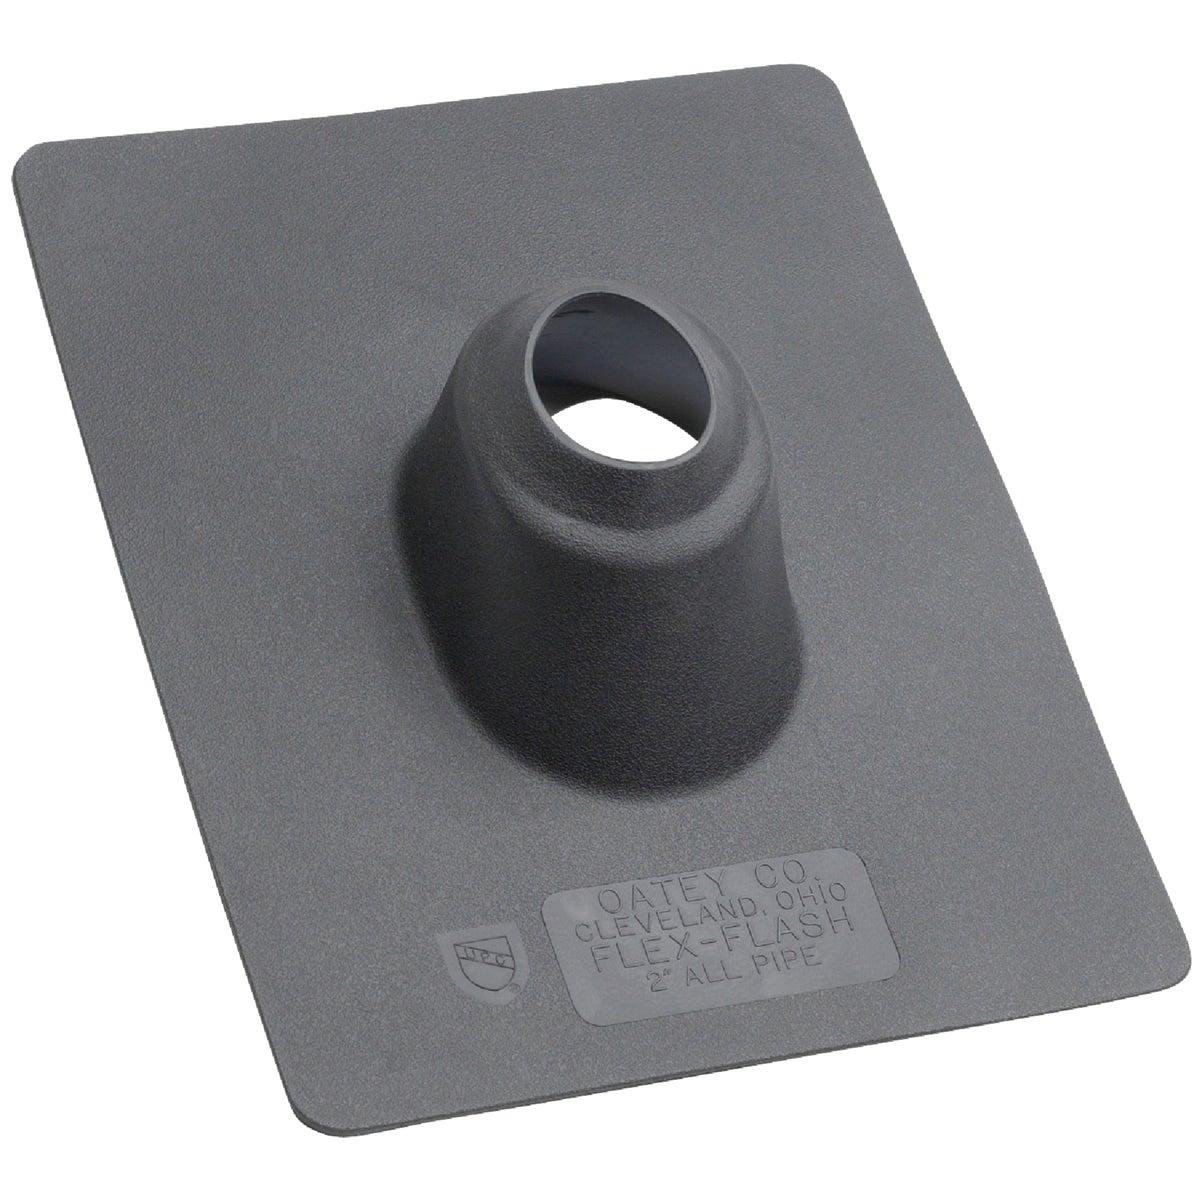 Oatey 14012 Flex-Flash, 2-Inch